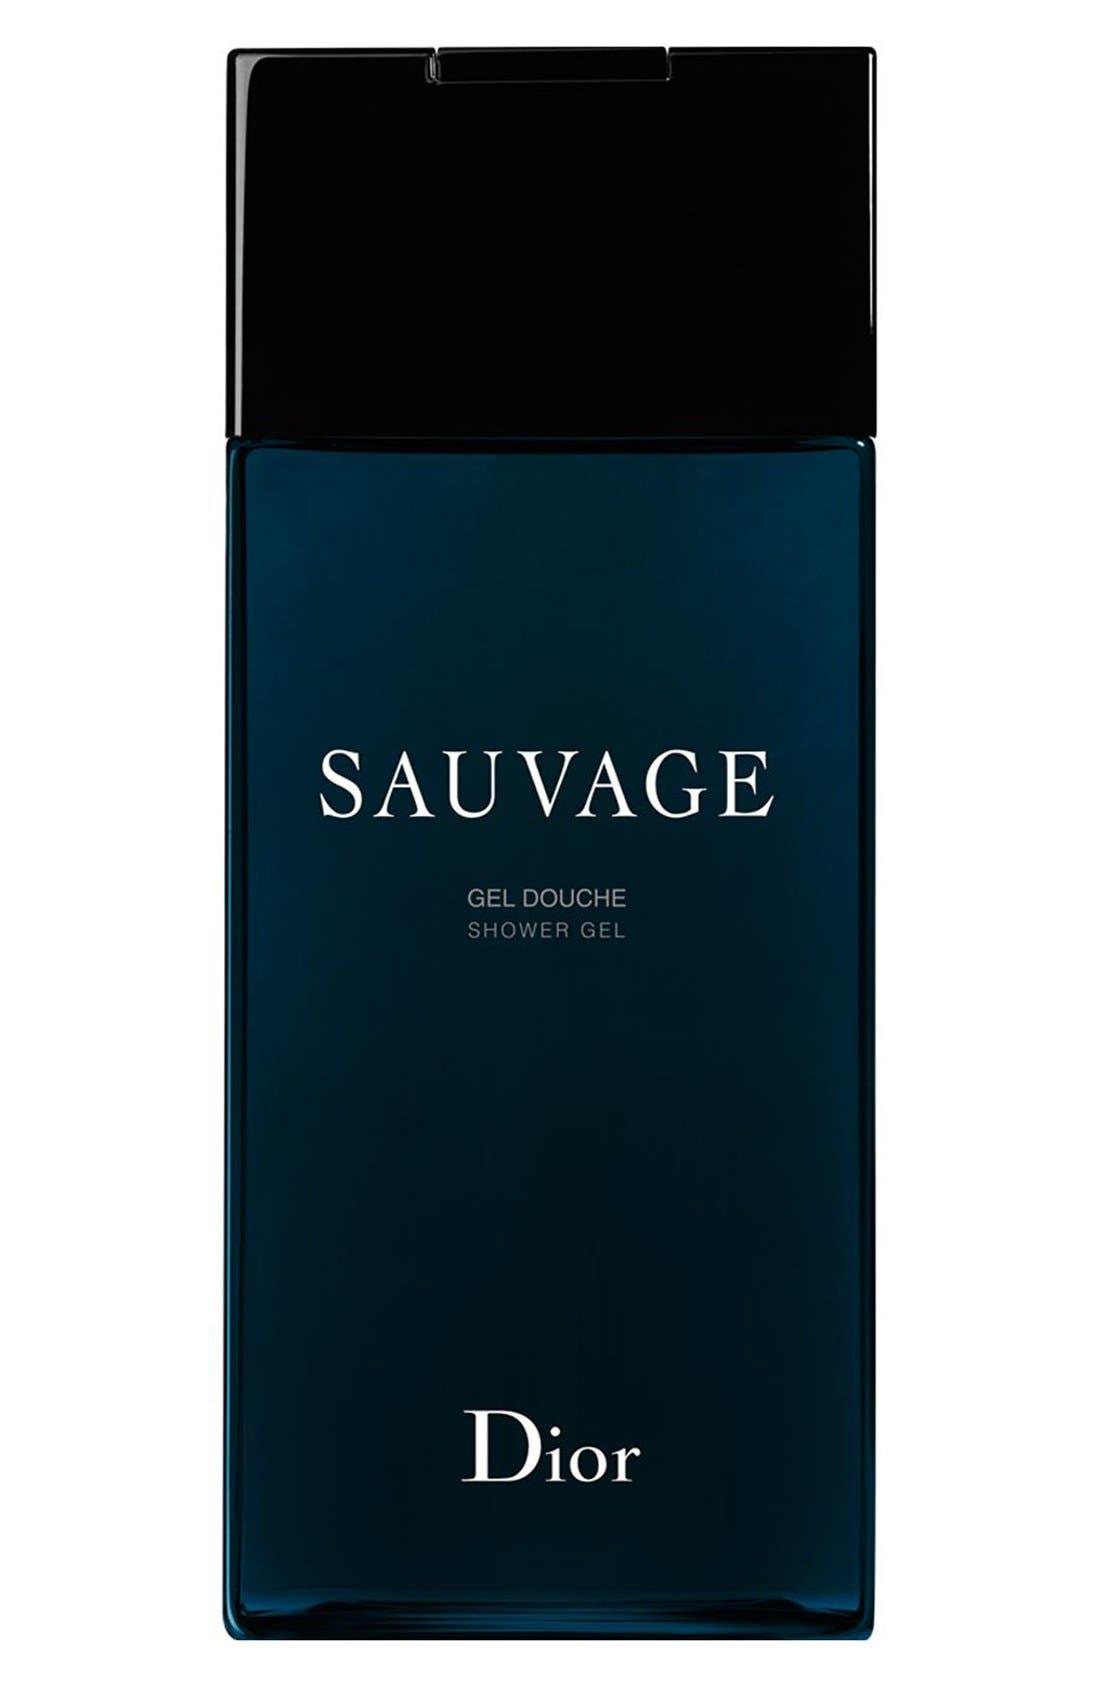 Dior 'Sauvage' Shower Gel